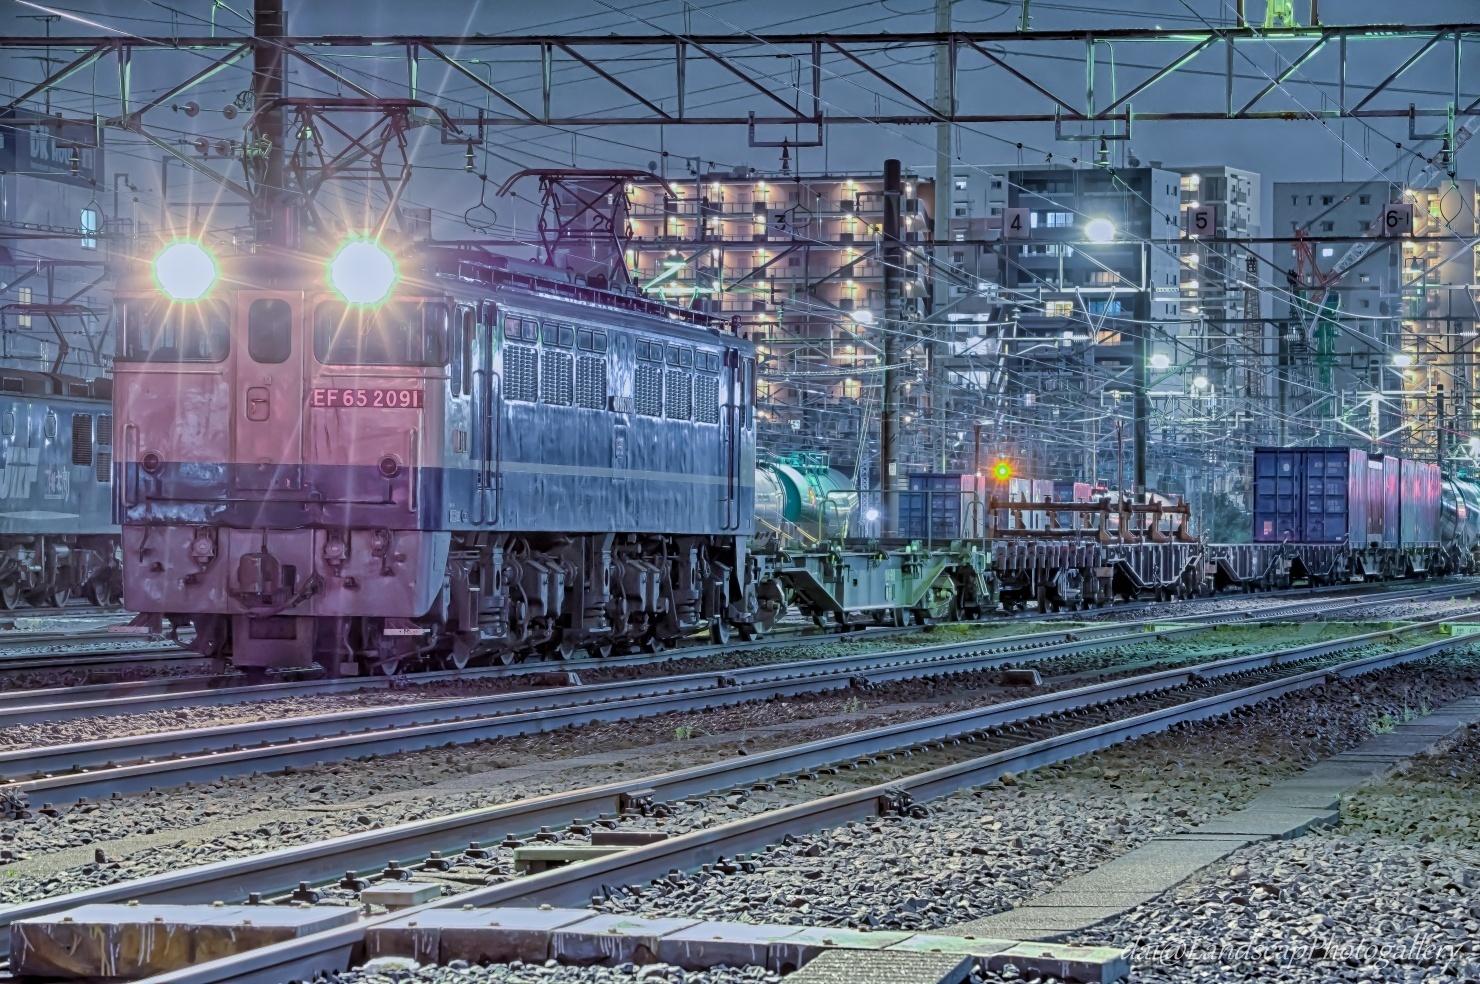 夜の新小岩操貨物列車停車風景【HDRi】